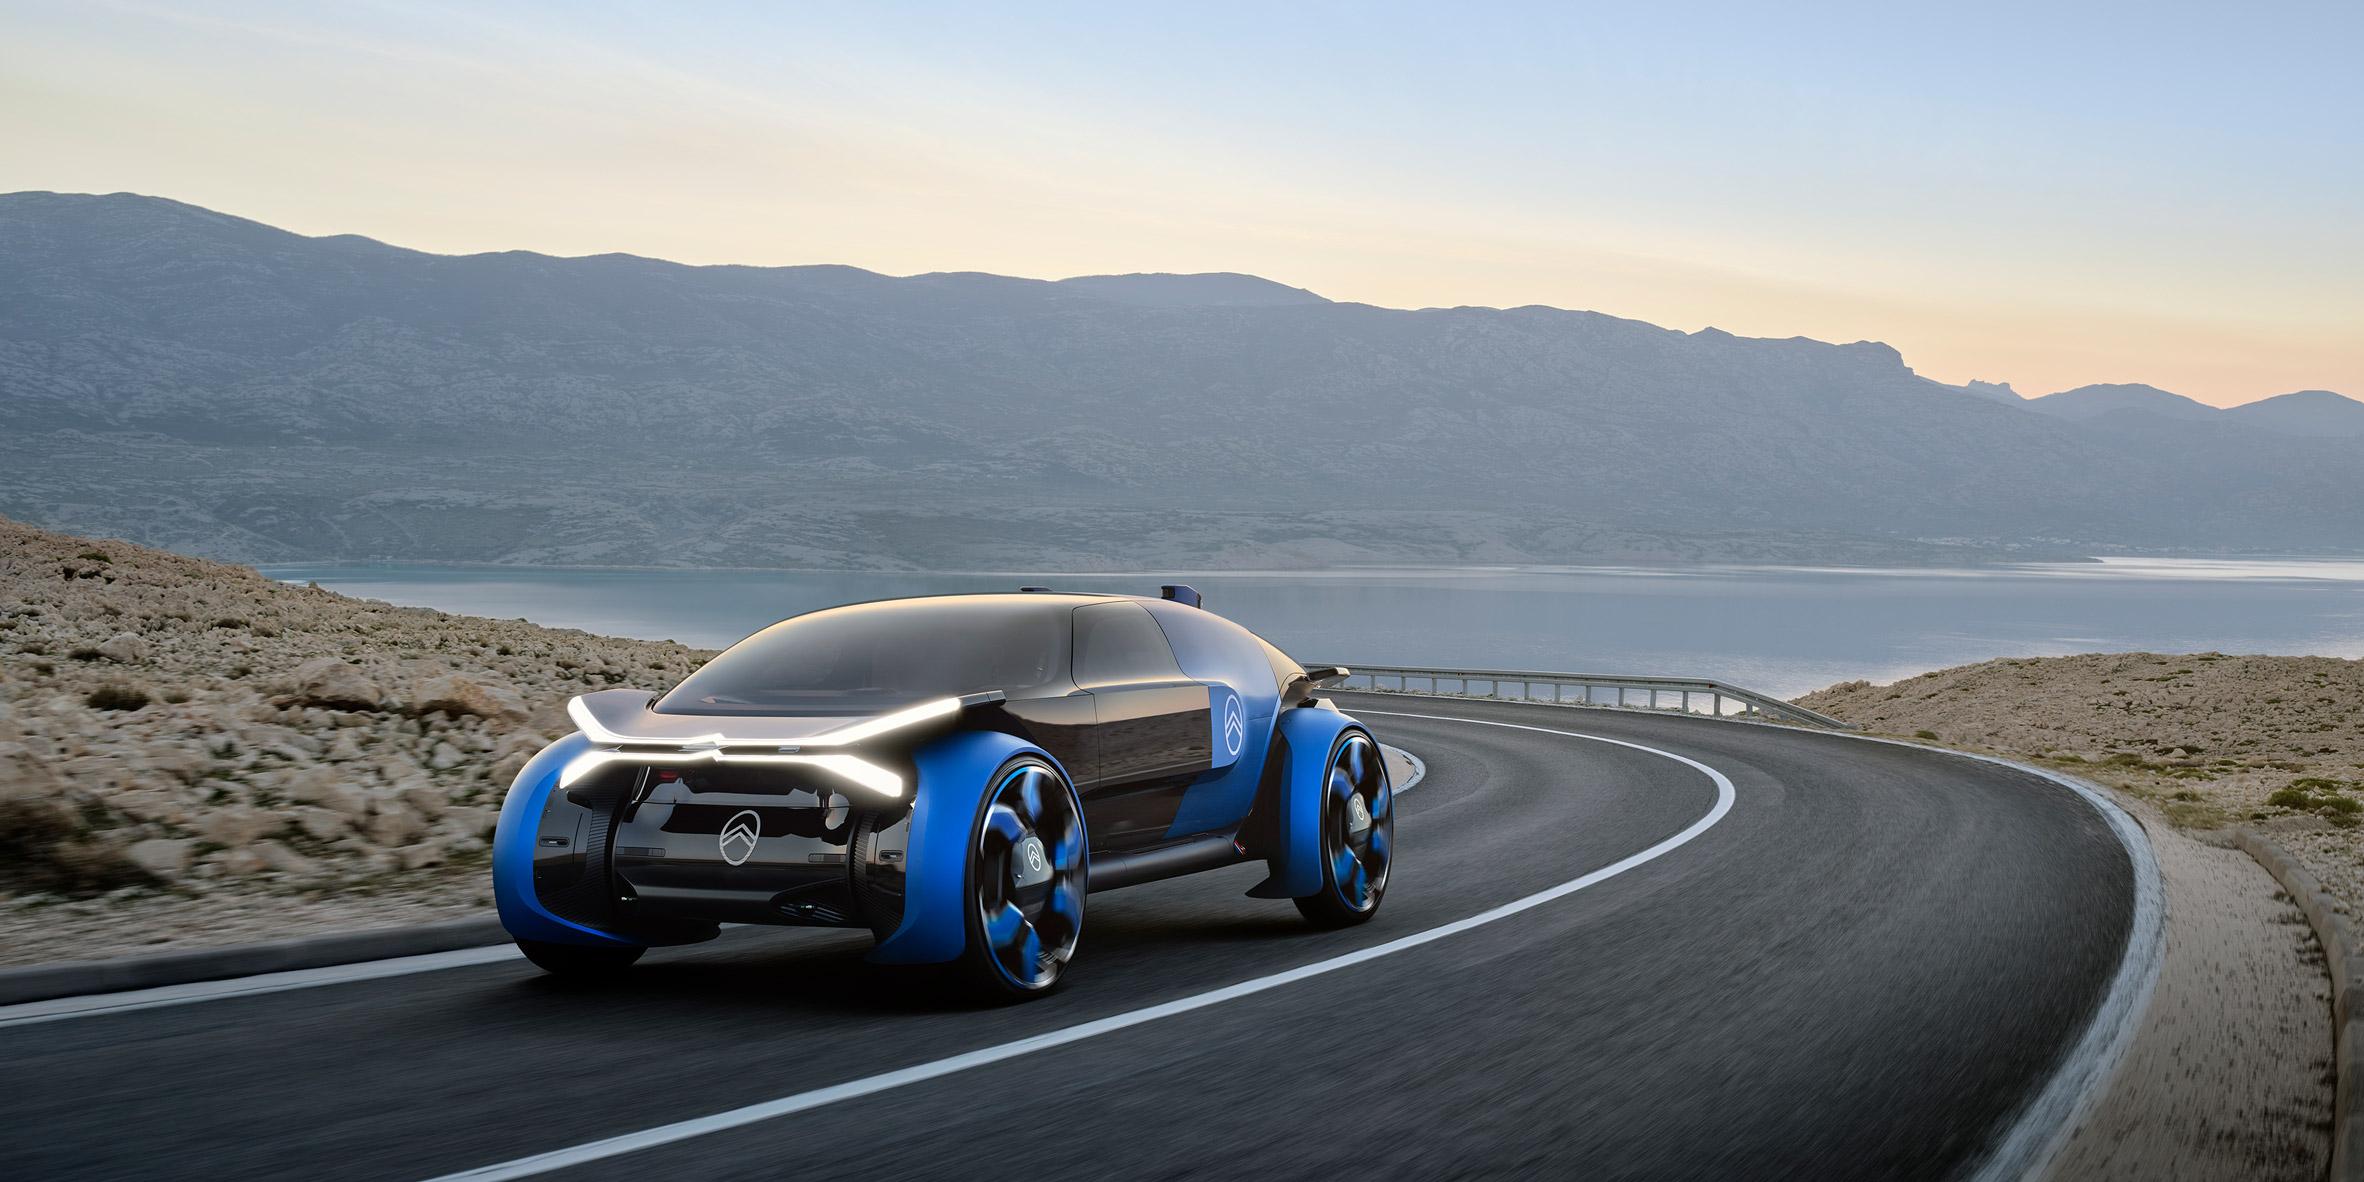 Super Citroen 19_19 Concept